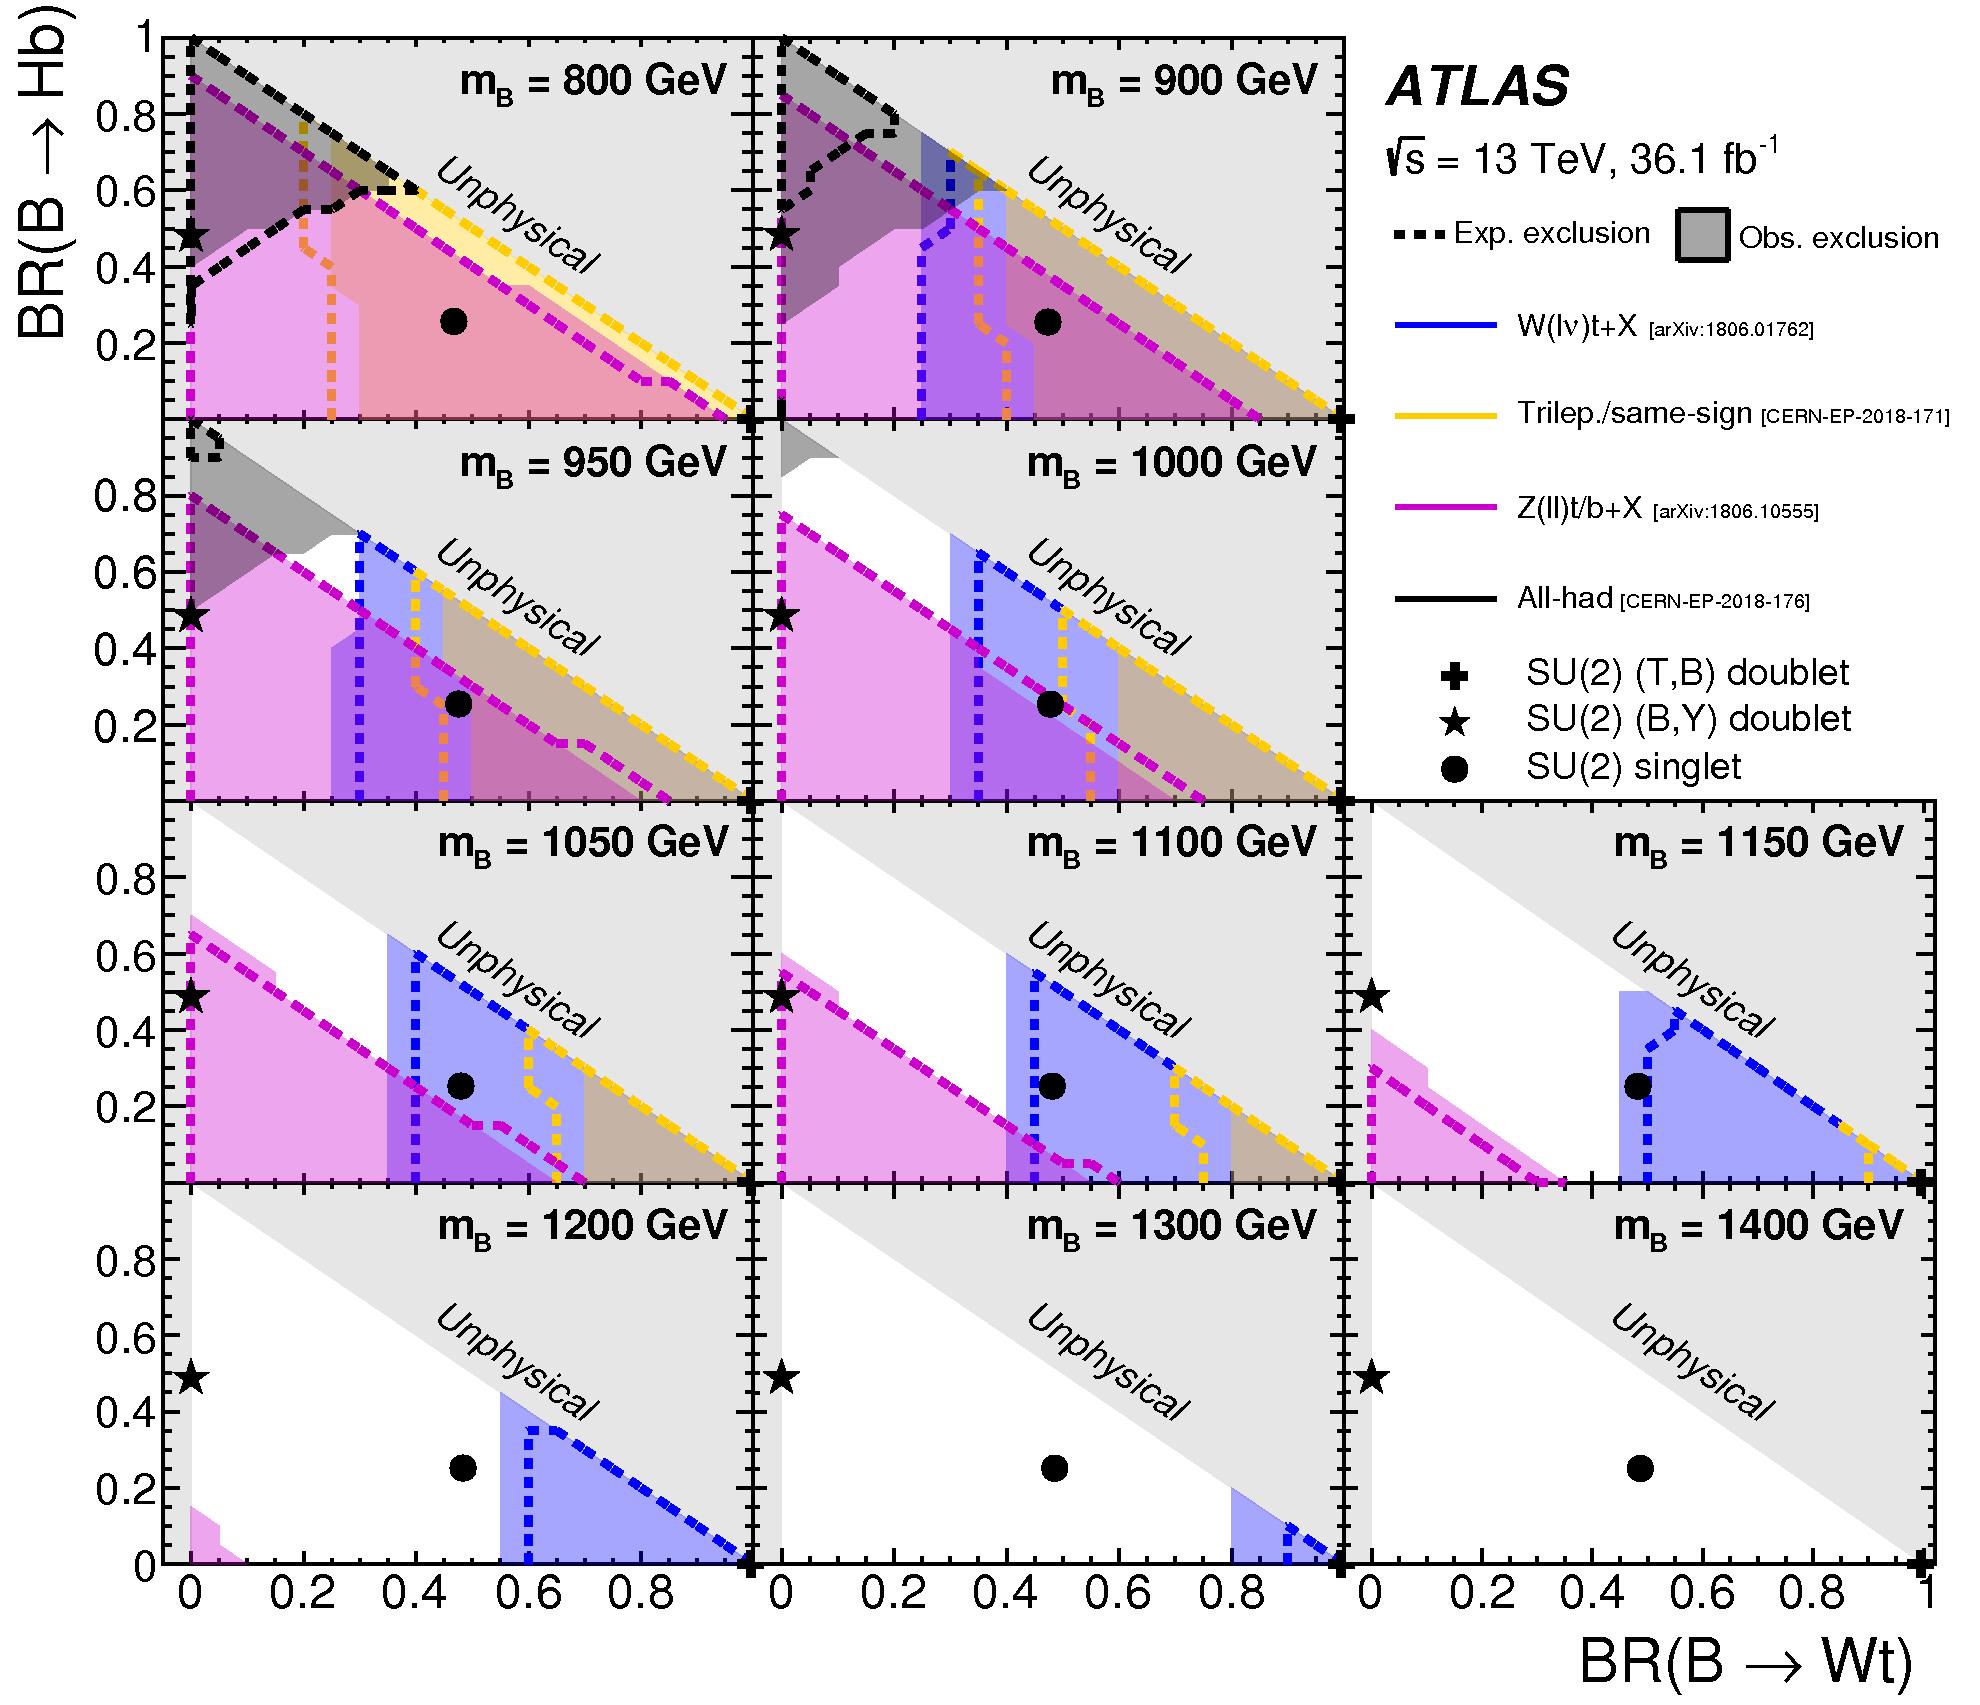 https://atlas.web.cern.ch/Atlas/GROUPS/PHYSICS/CombinedSummaryPlots/EXOTICS/ATLAS_VLQ_BB_step4/ATLAS_VLQ_BB_step4.png